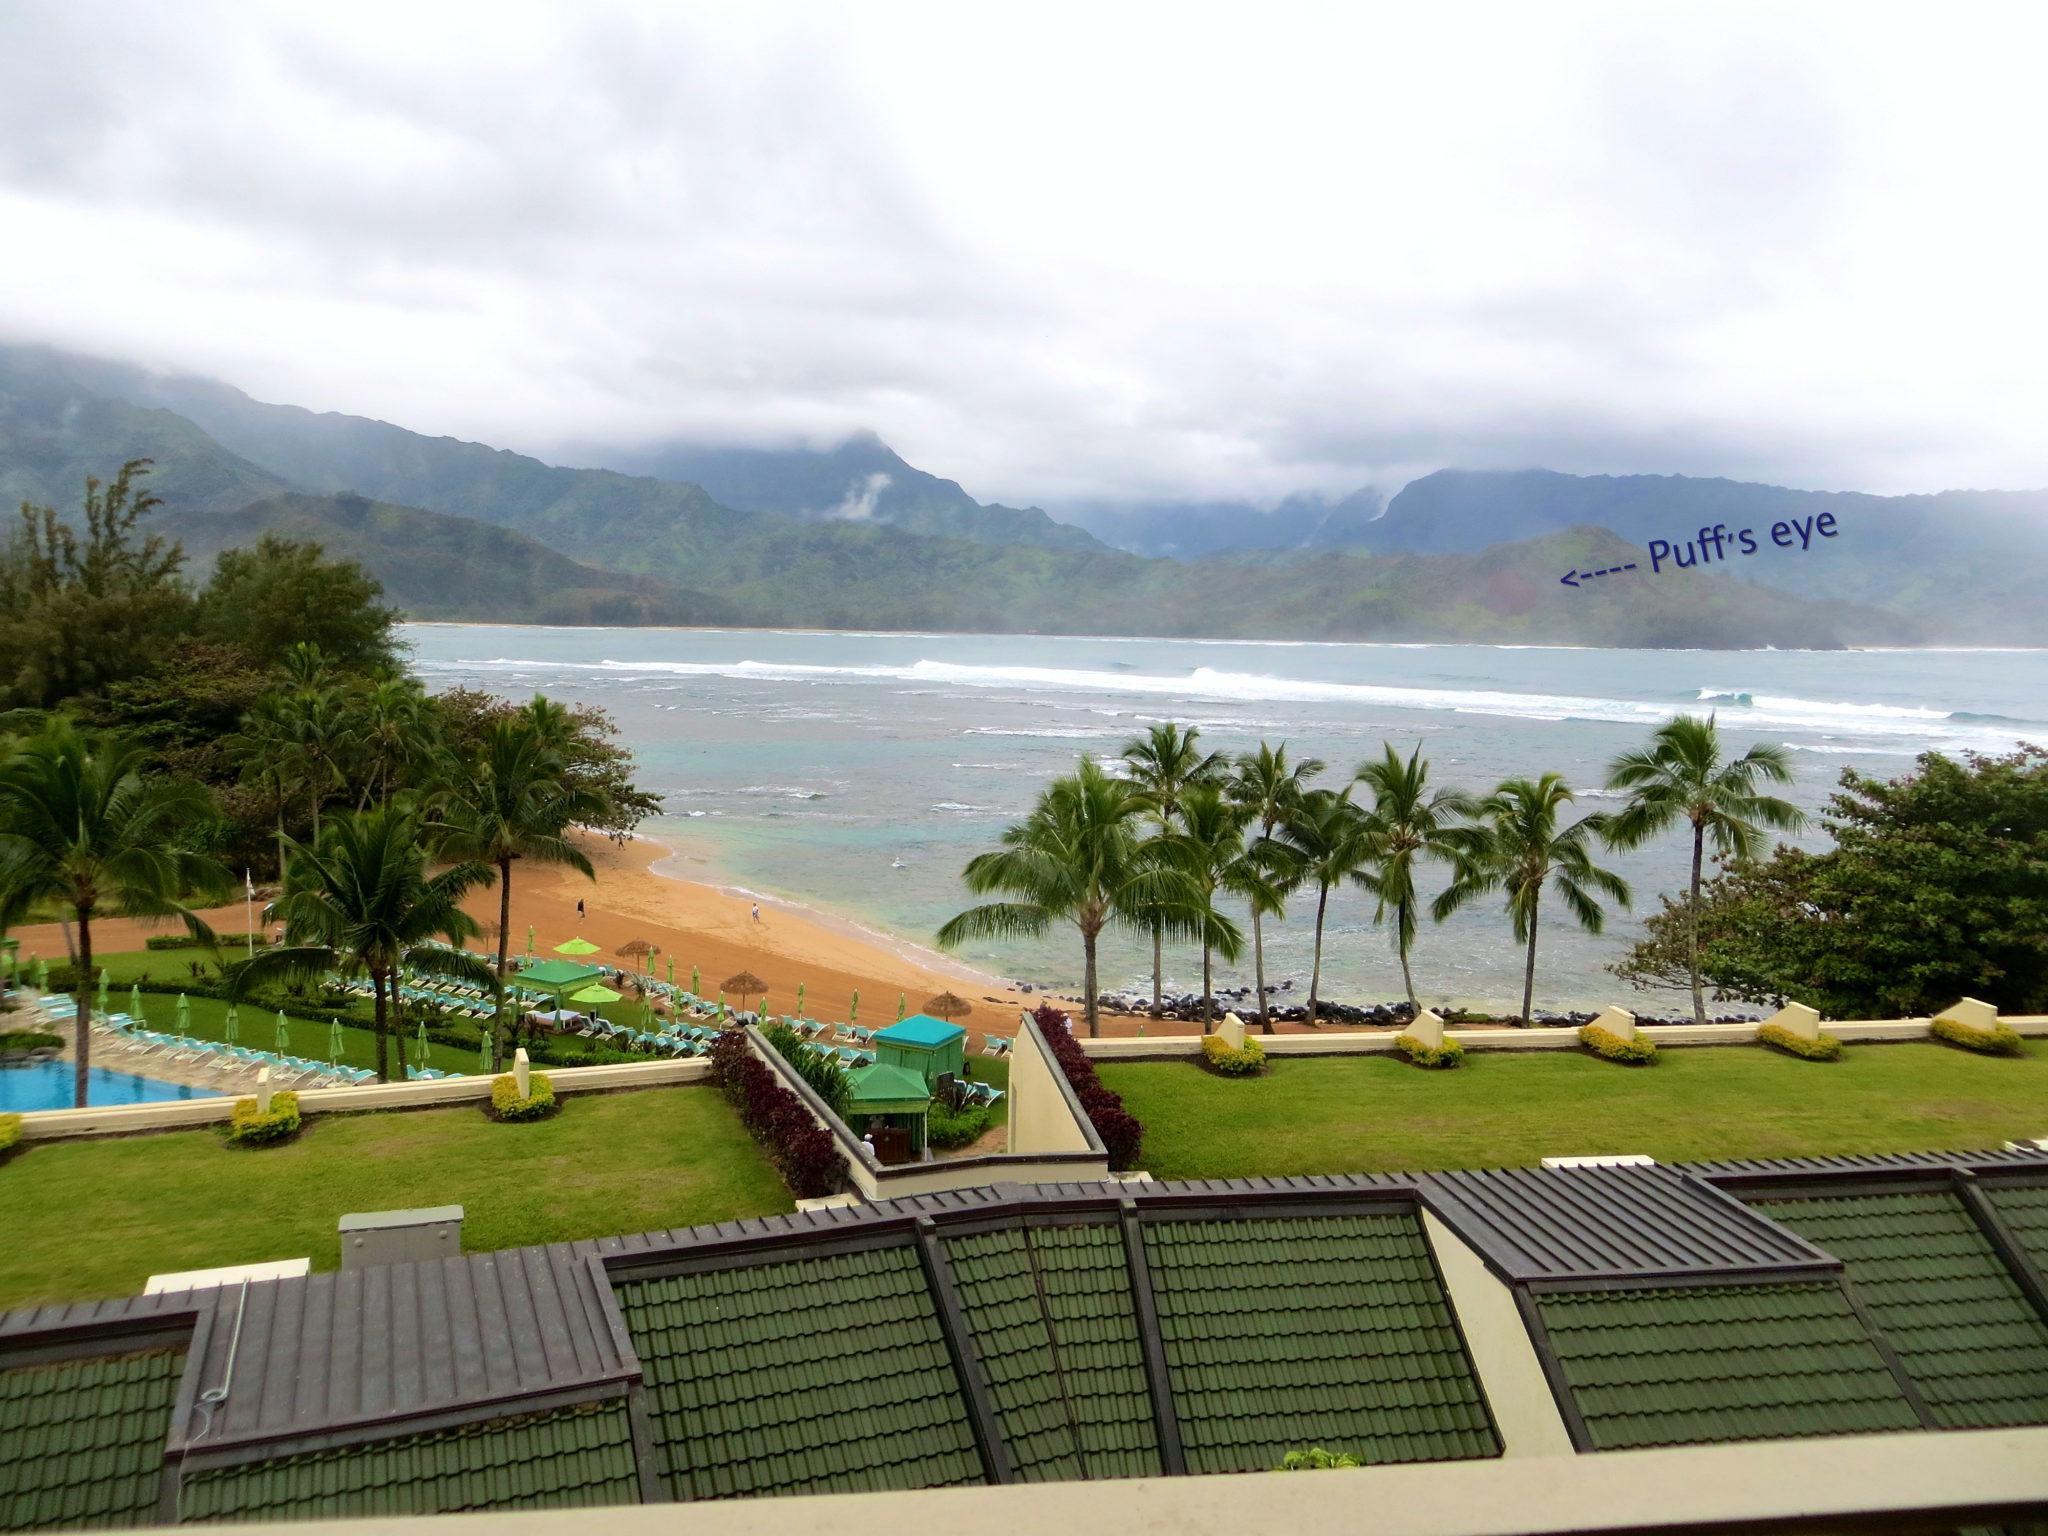 R & R in Kauai